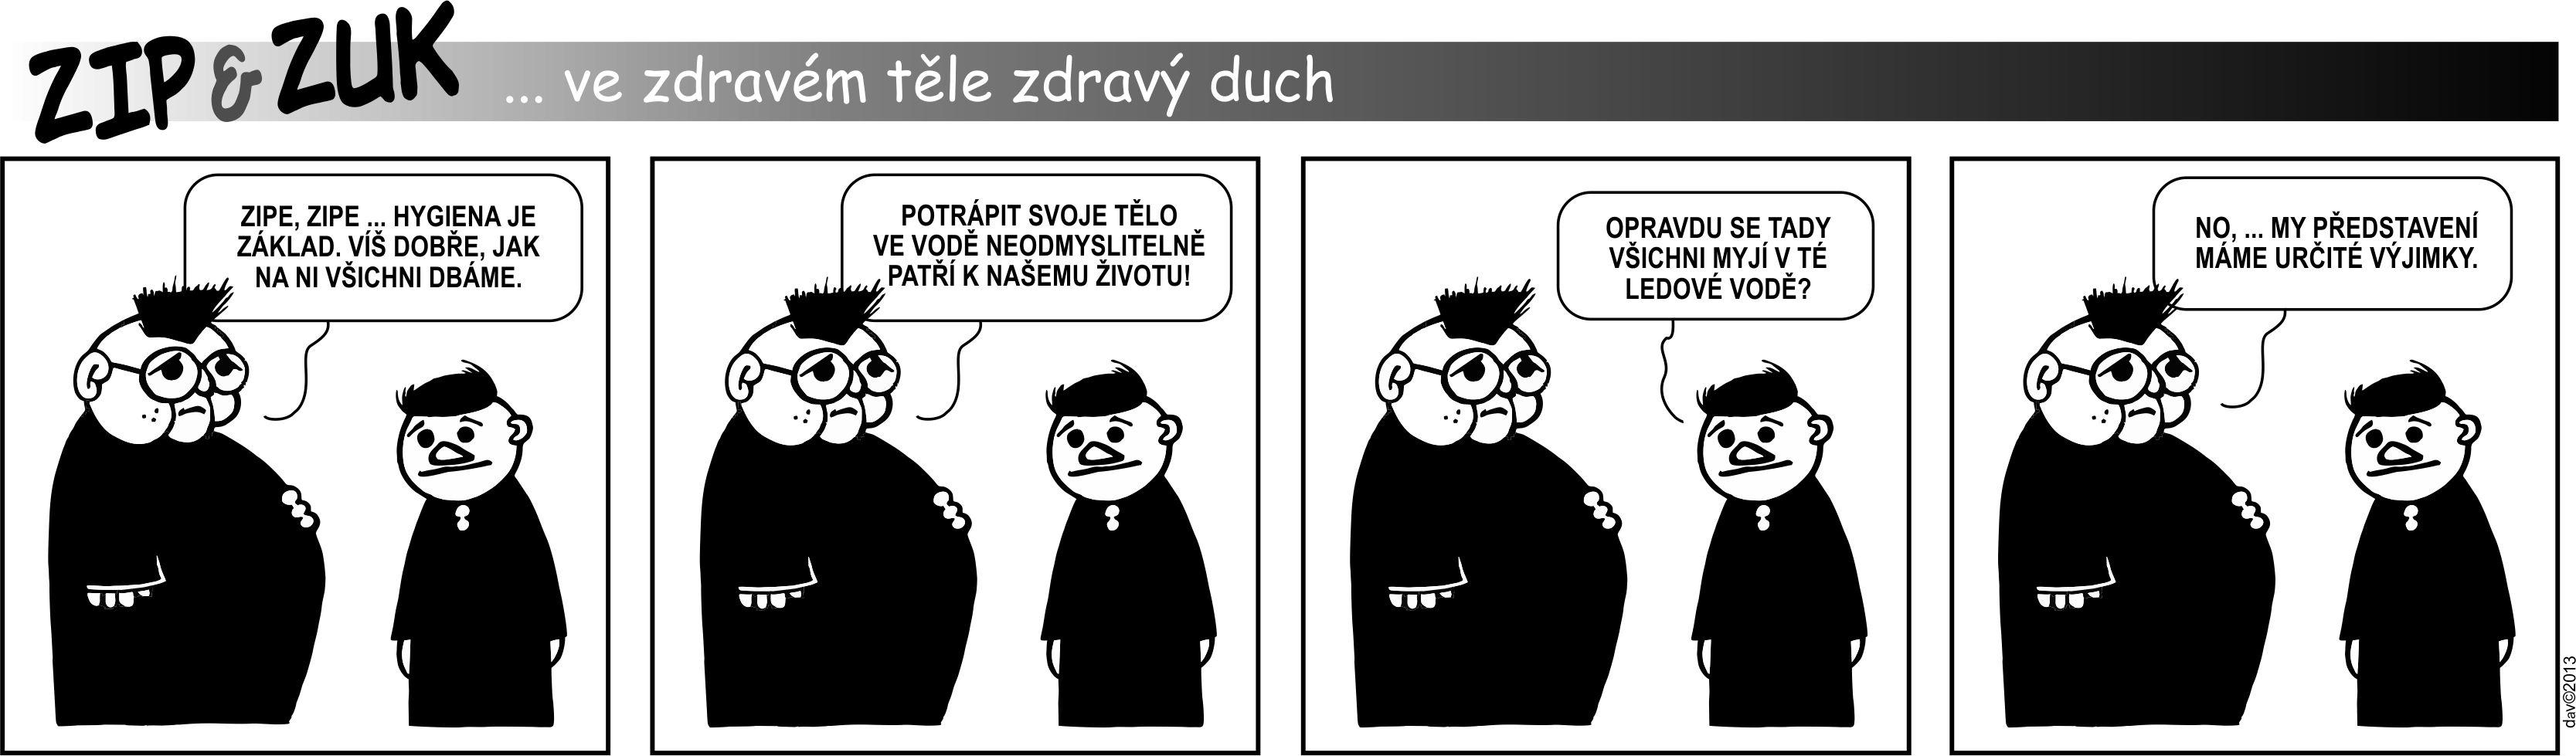 Zip a Zuk 03